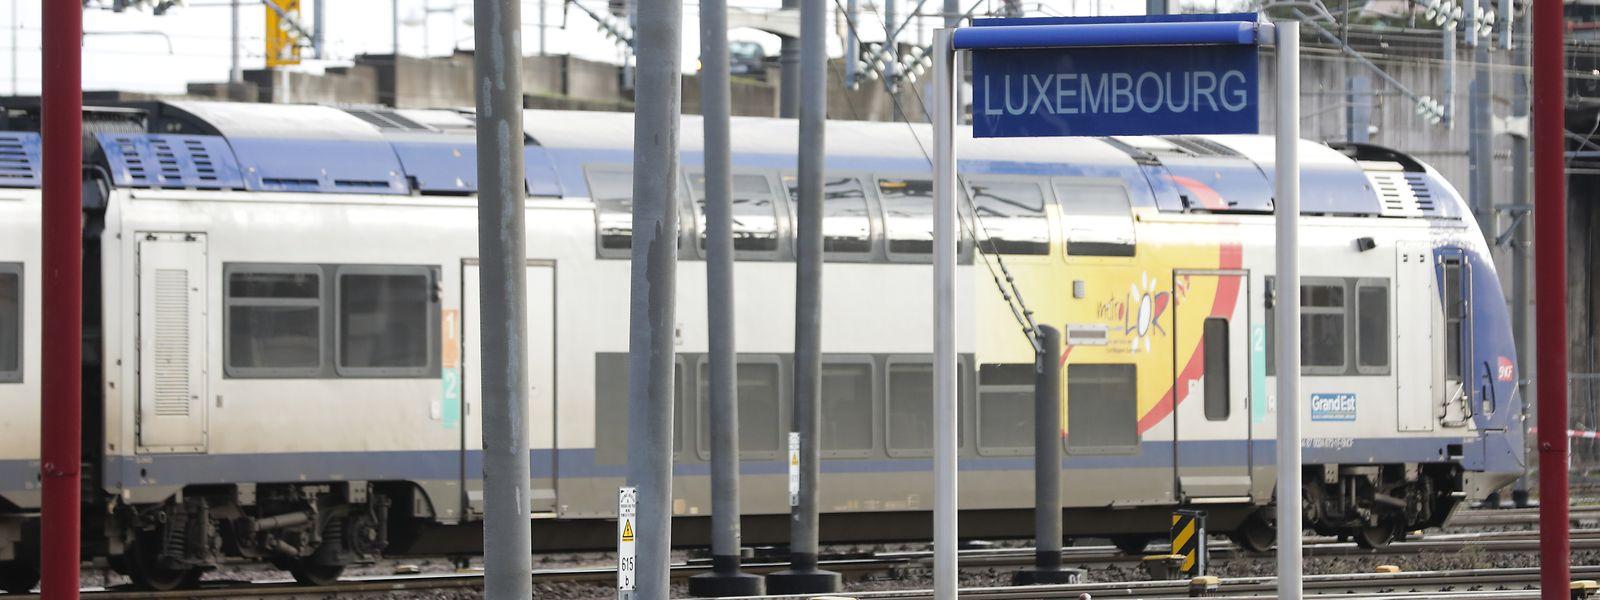 En moyenne, 12.000 personnes empruntent le TER chaque jour entre Metz, Thionville et Luxembourg.